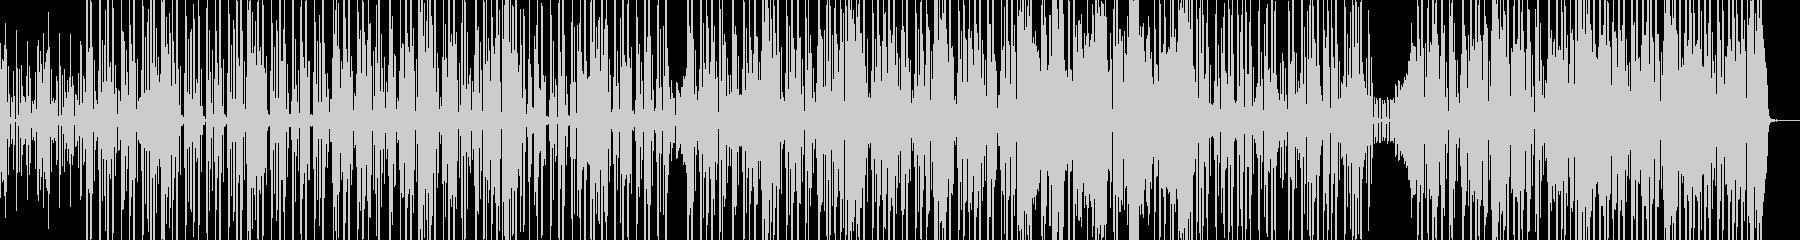 脱力系でファンキーなヒップホップ Cの未再生の波形